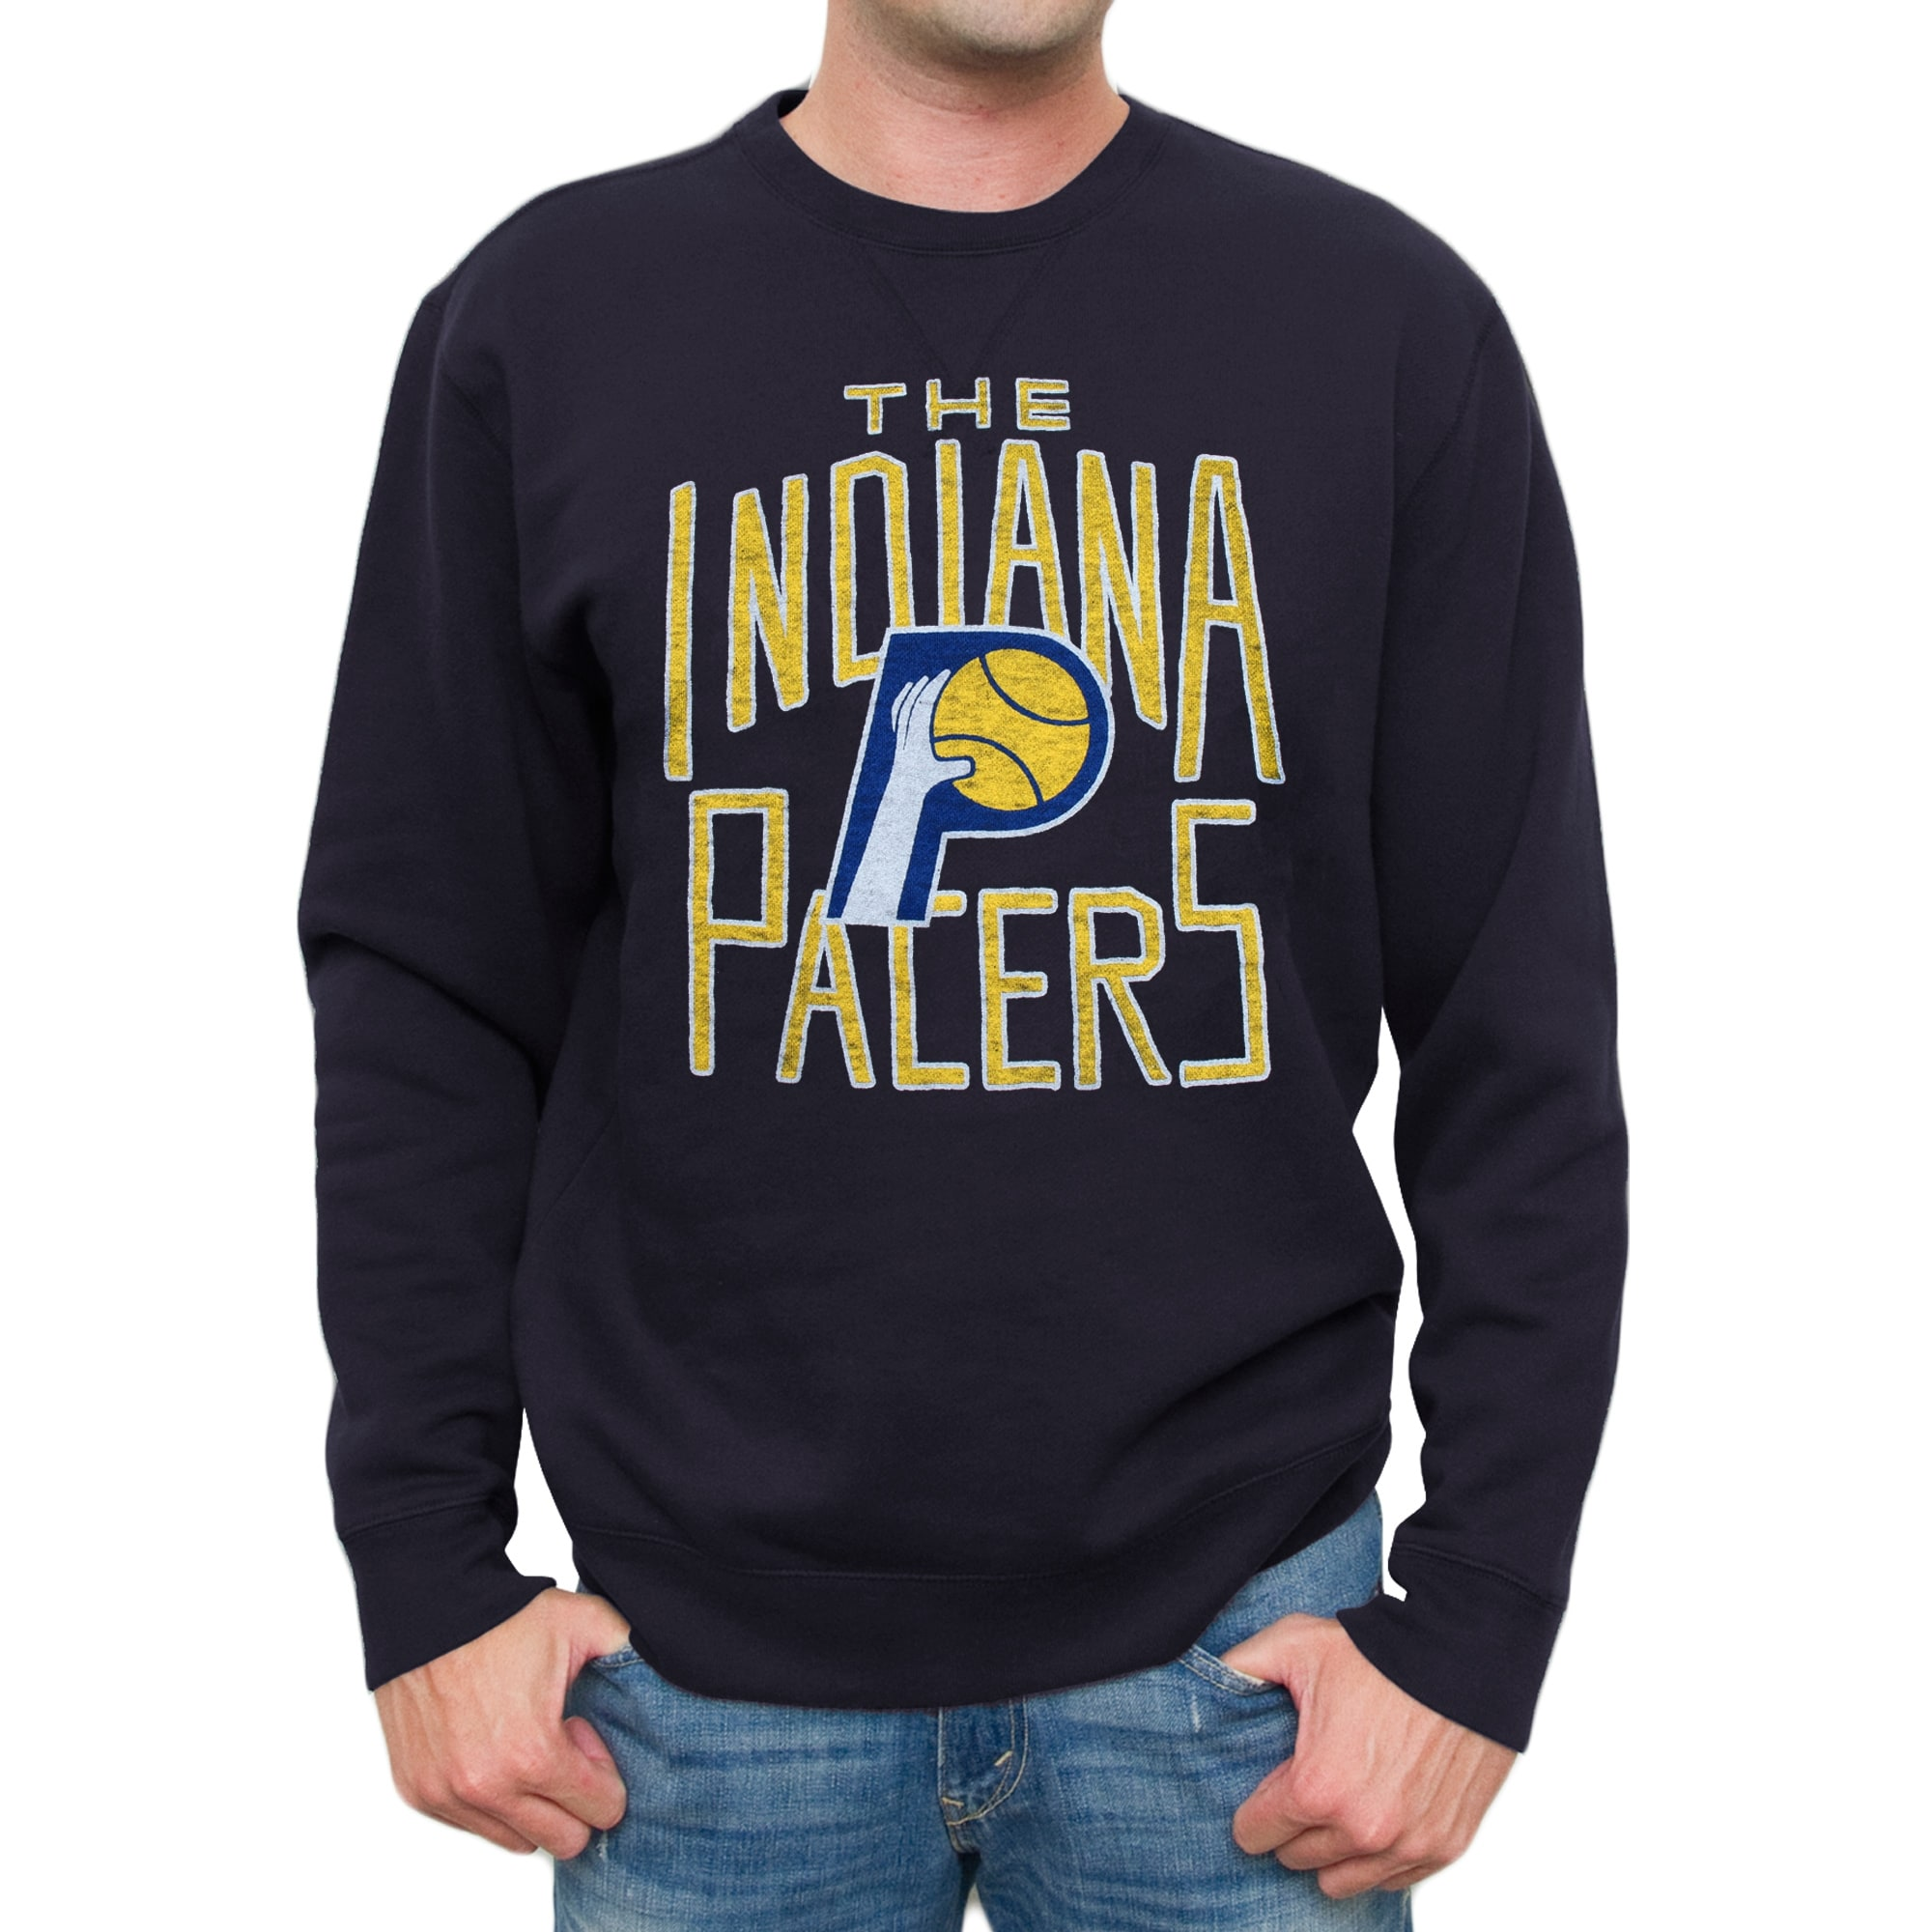 Indiana Pacers Spring Fleece Sweatshirt - Navy Blue